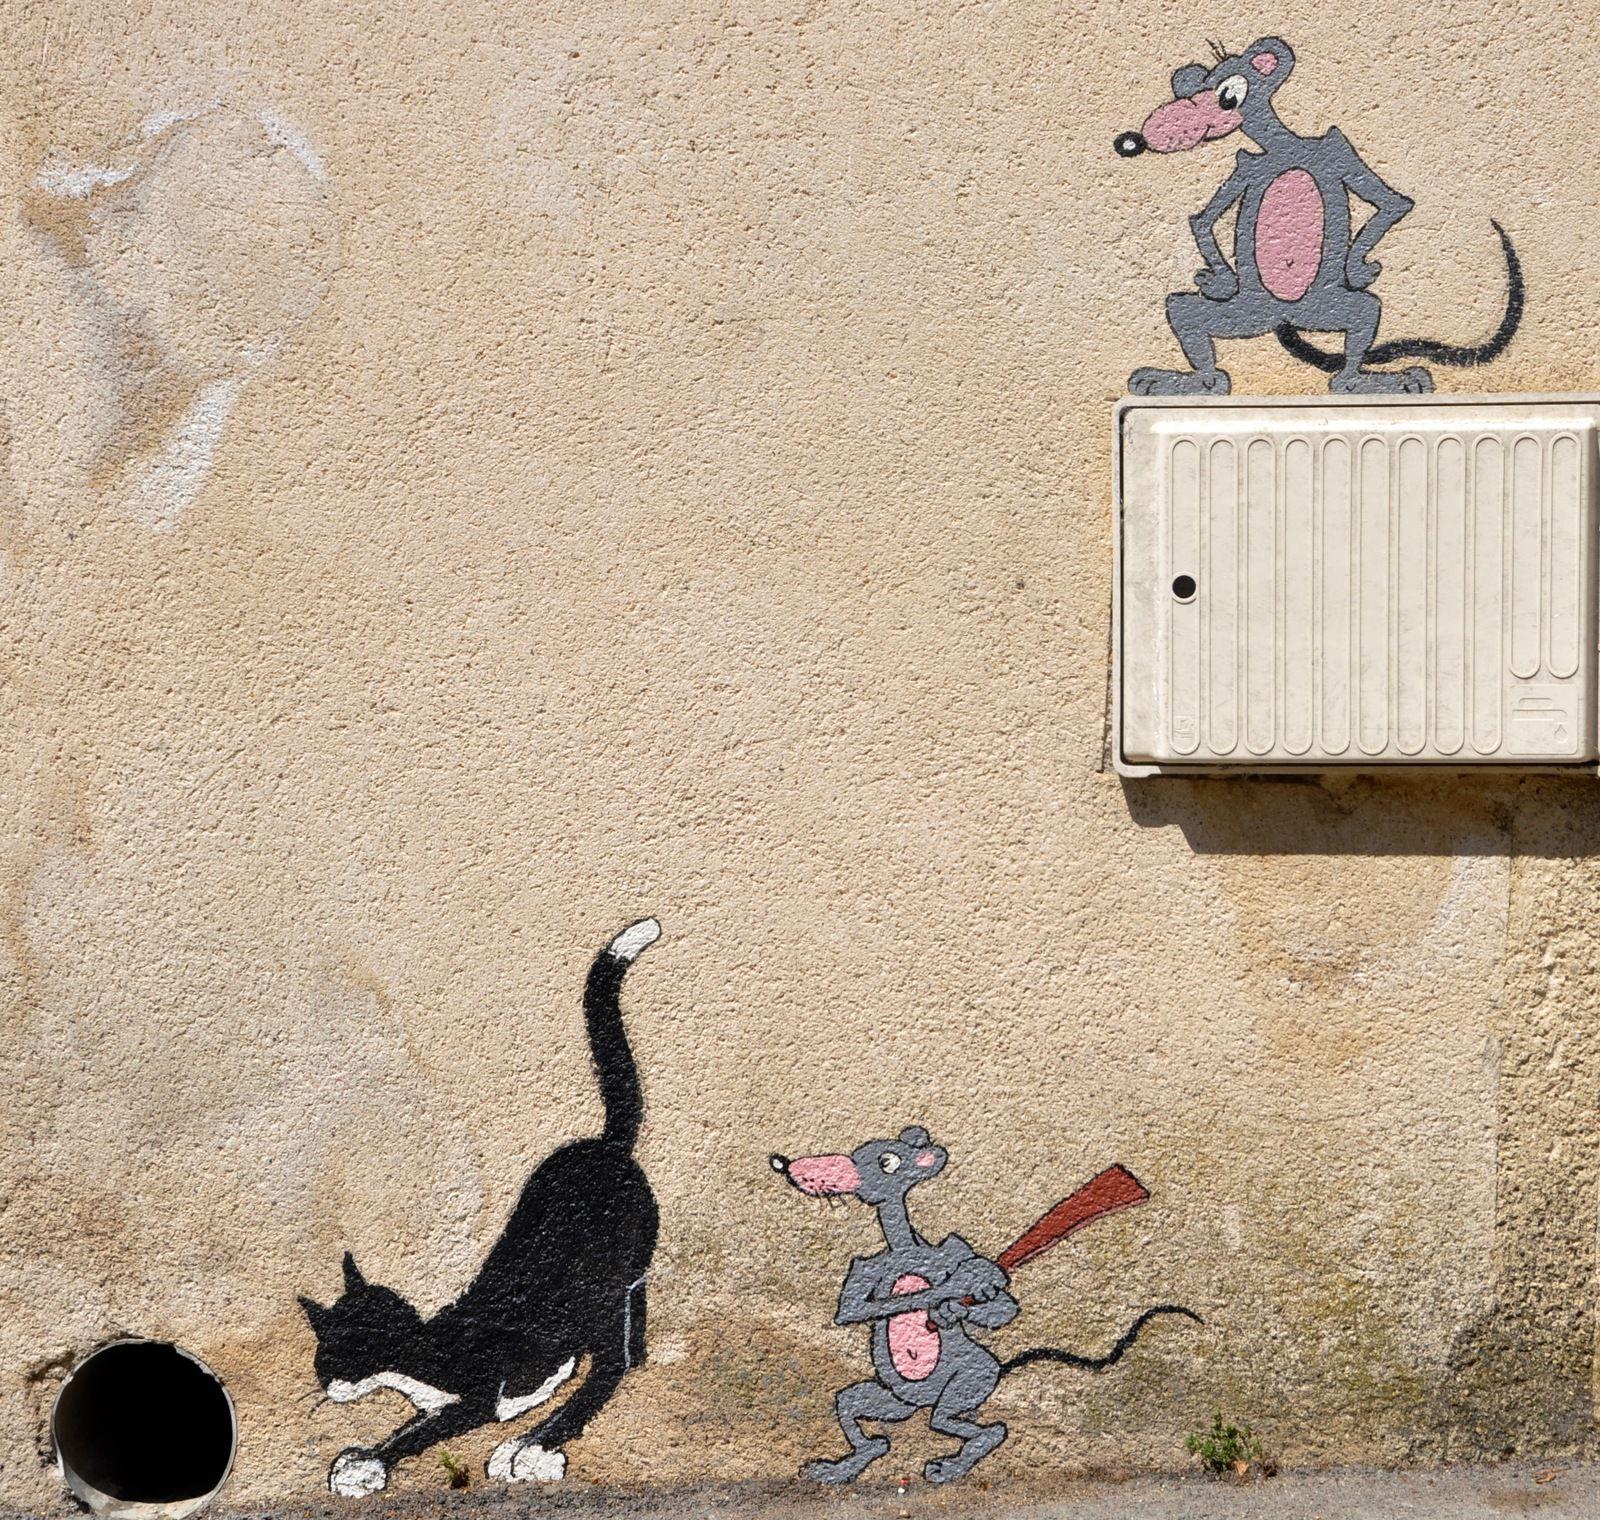 Je fais aussi du street art